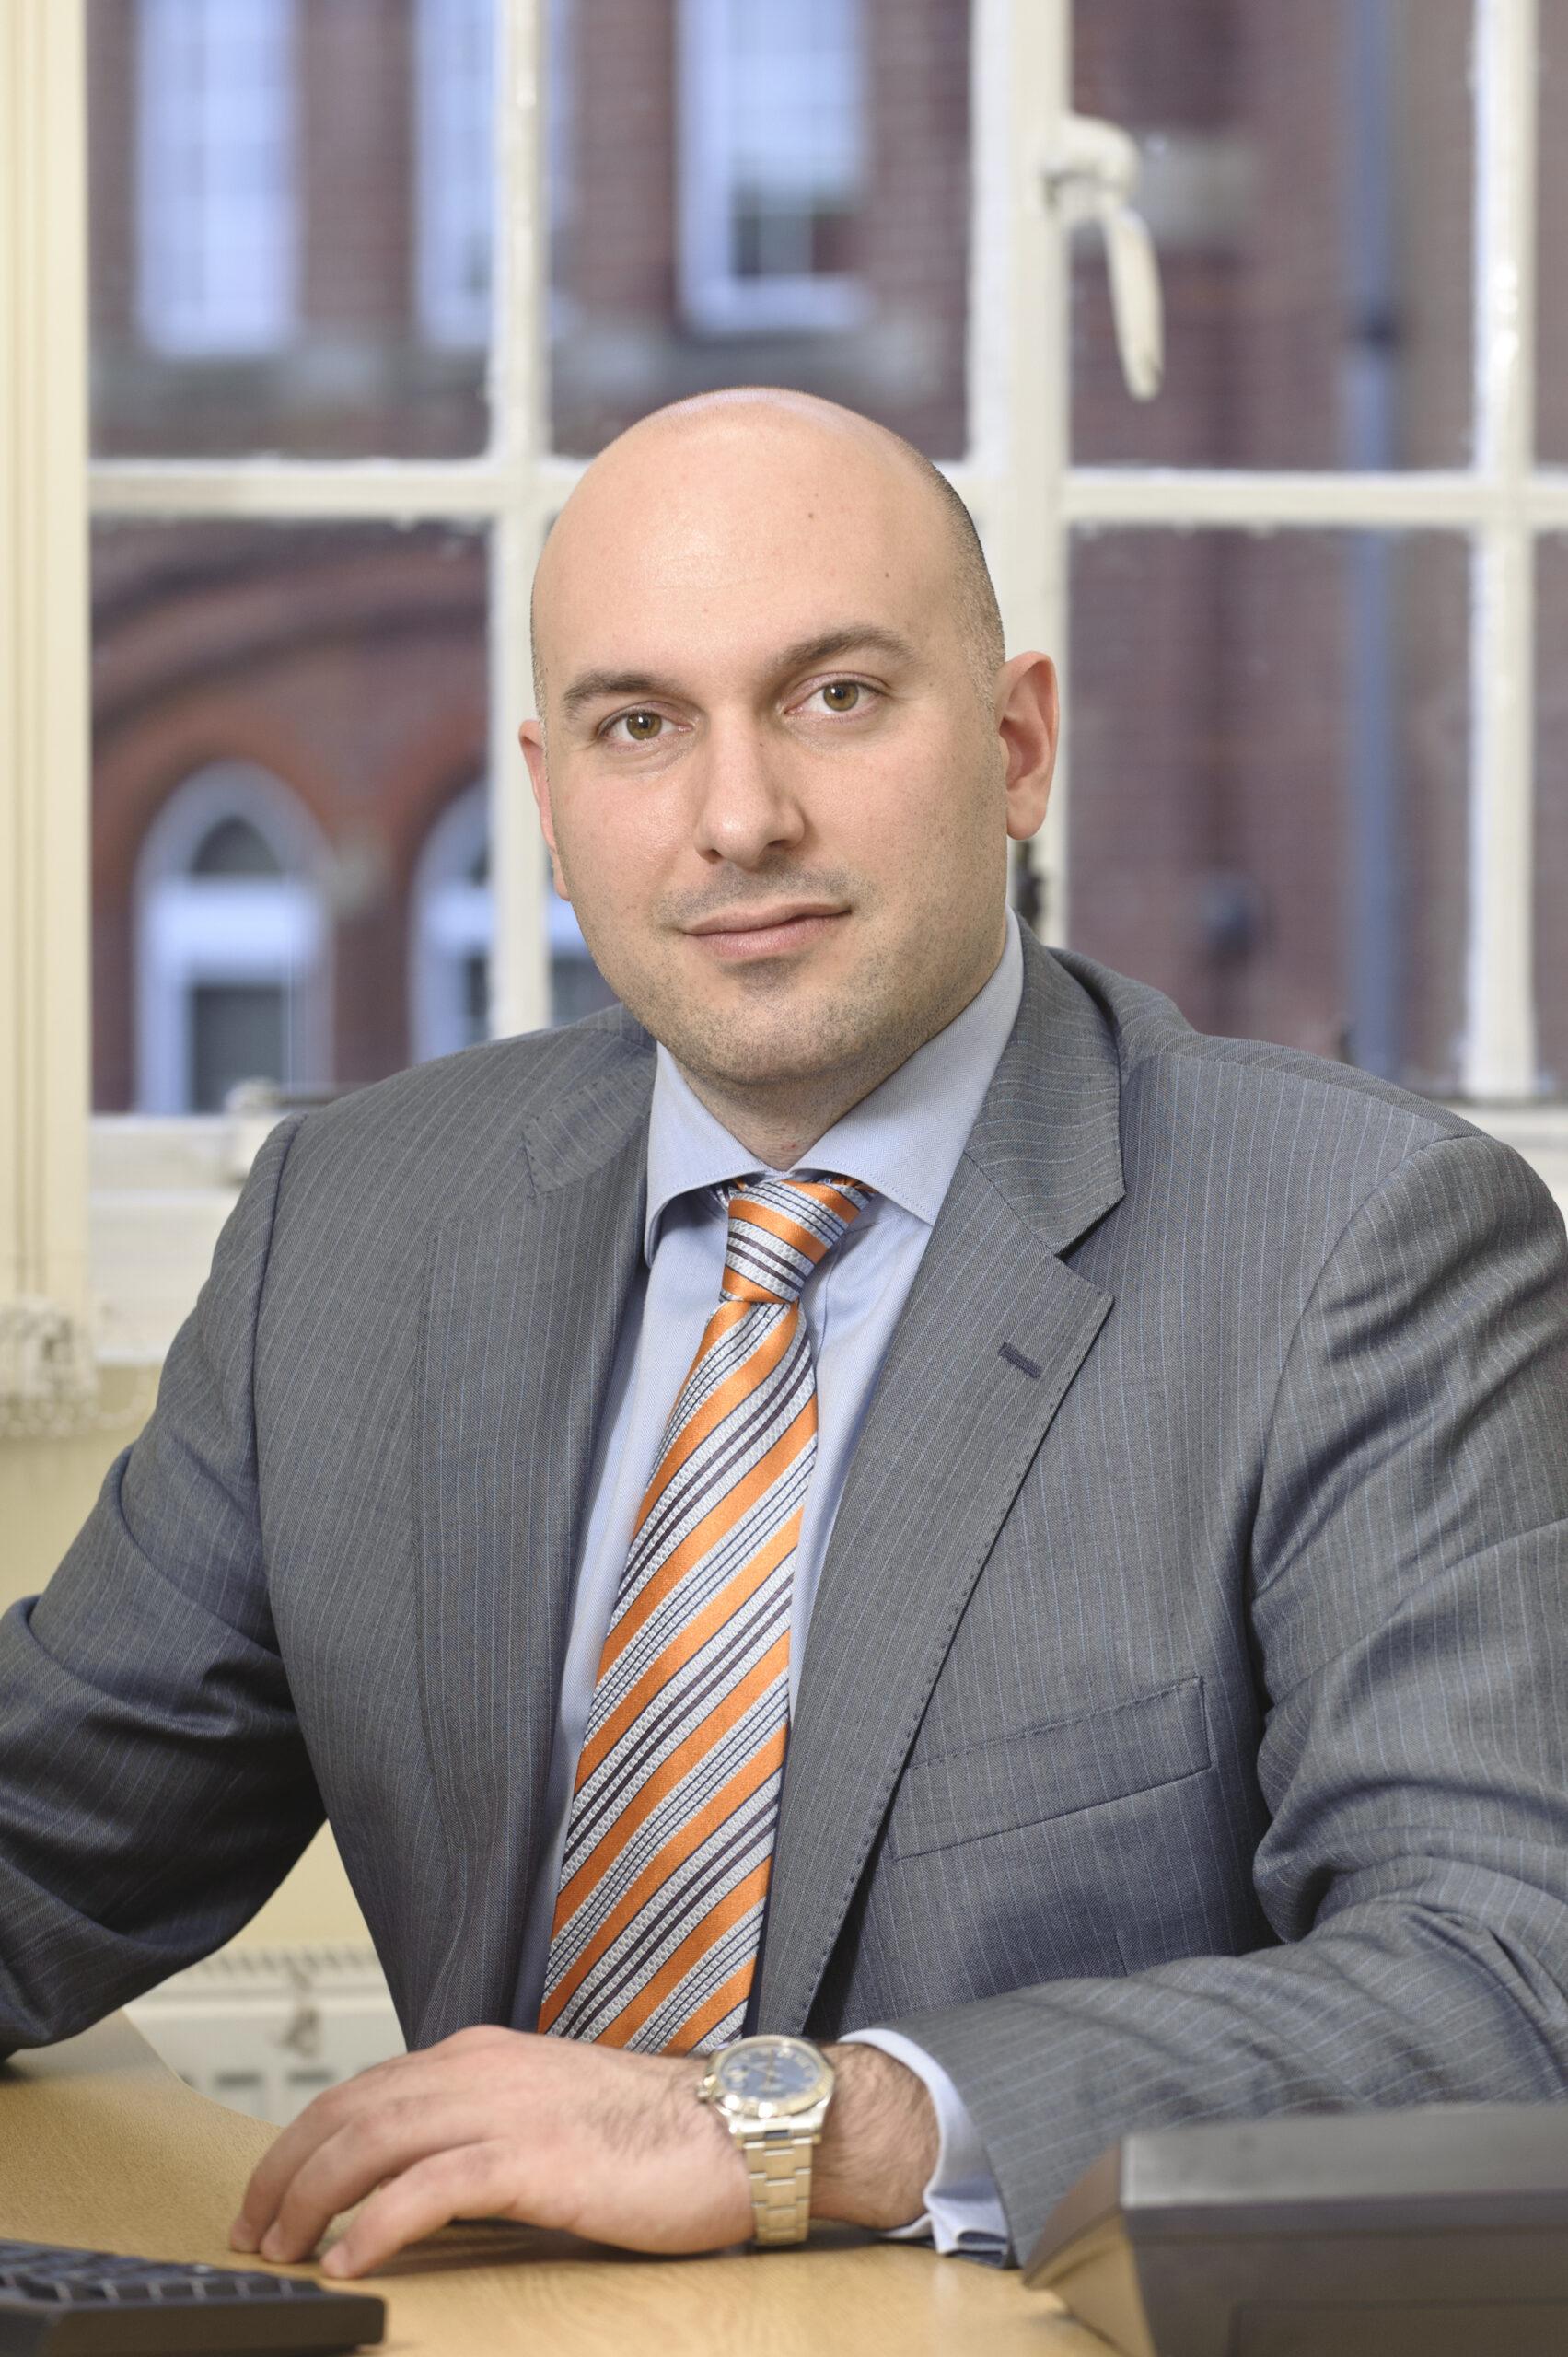 Δρ. Κώστας Ανδριοσόπουλος: Η επιλογή της Βόρειας Ελλάδας ως επενδυτική αιχμή ενεργειακά έχει τεράστια σημασία για την εθνική οικονομία